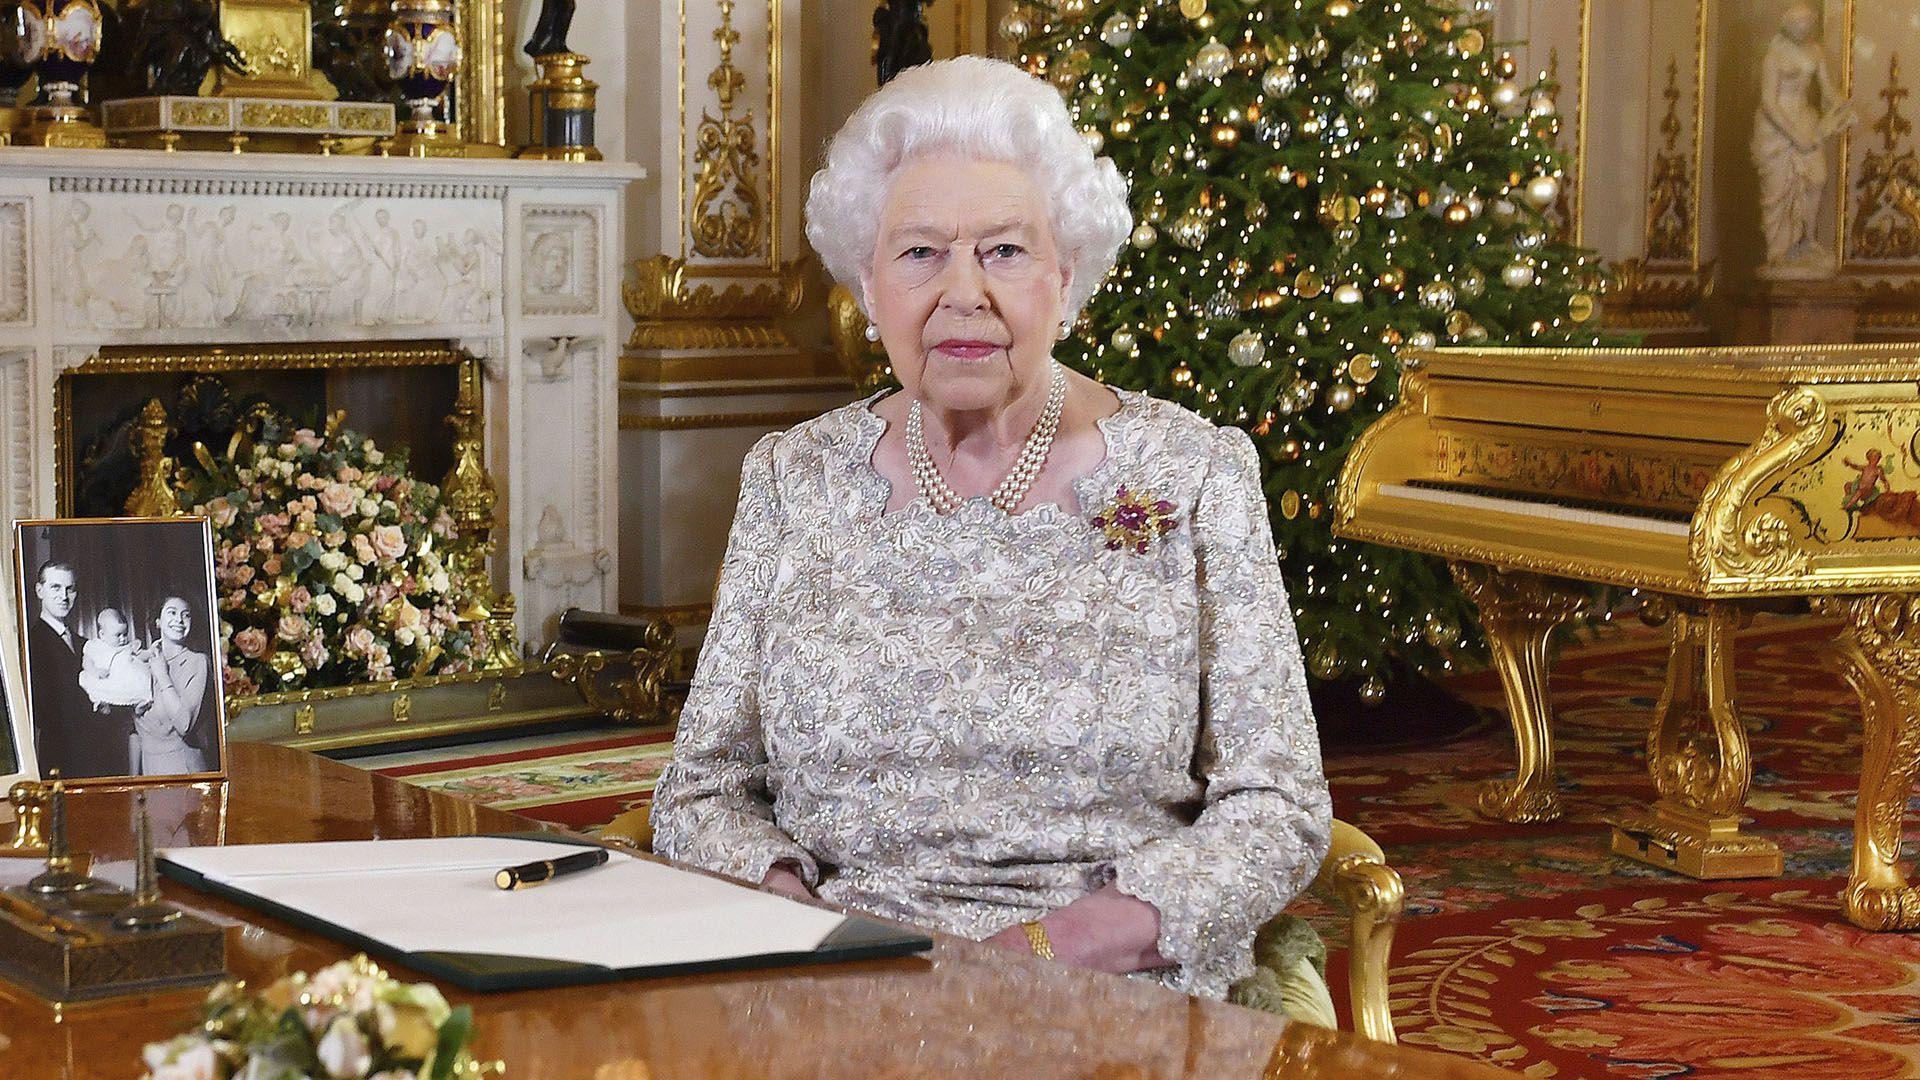 A los 93 años, la reina Isabel II sigue siendo una fuente inagotable de anécdotas